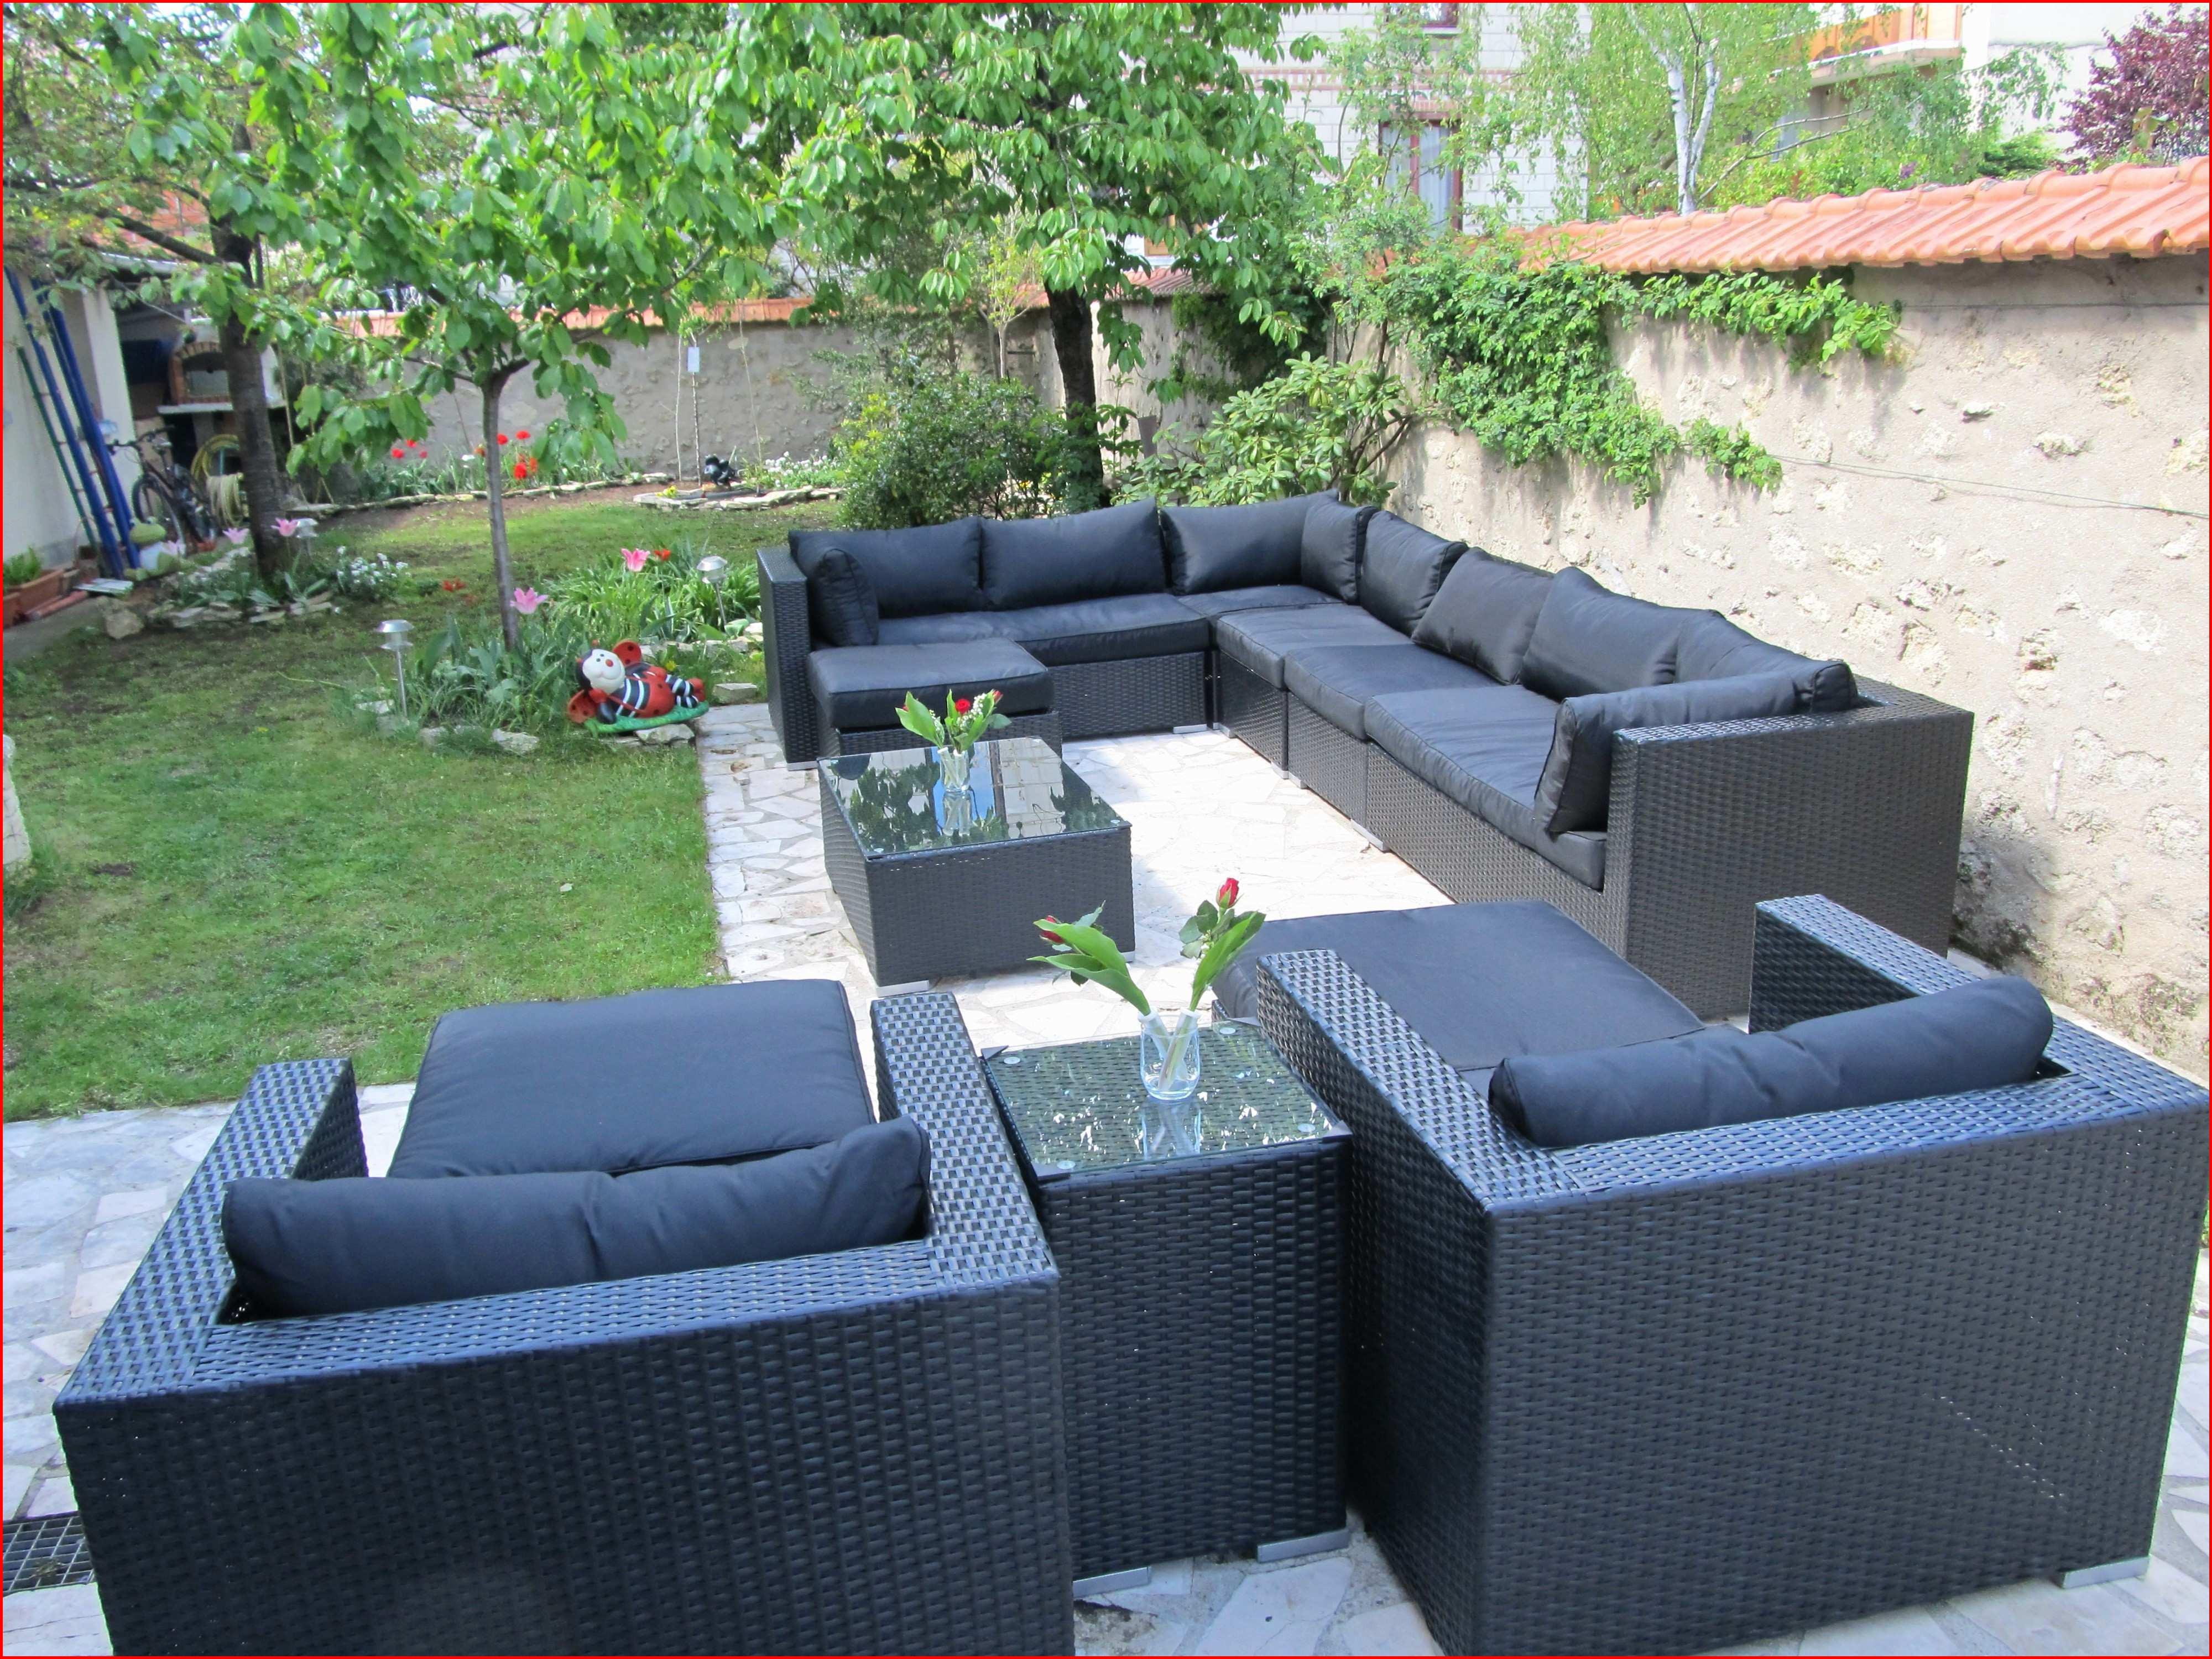 Marques salon de jardin haut de gamme - Mailleraye.fr jardin